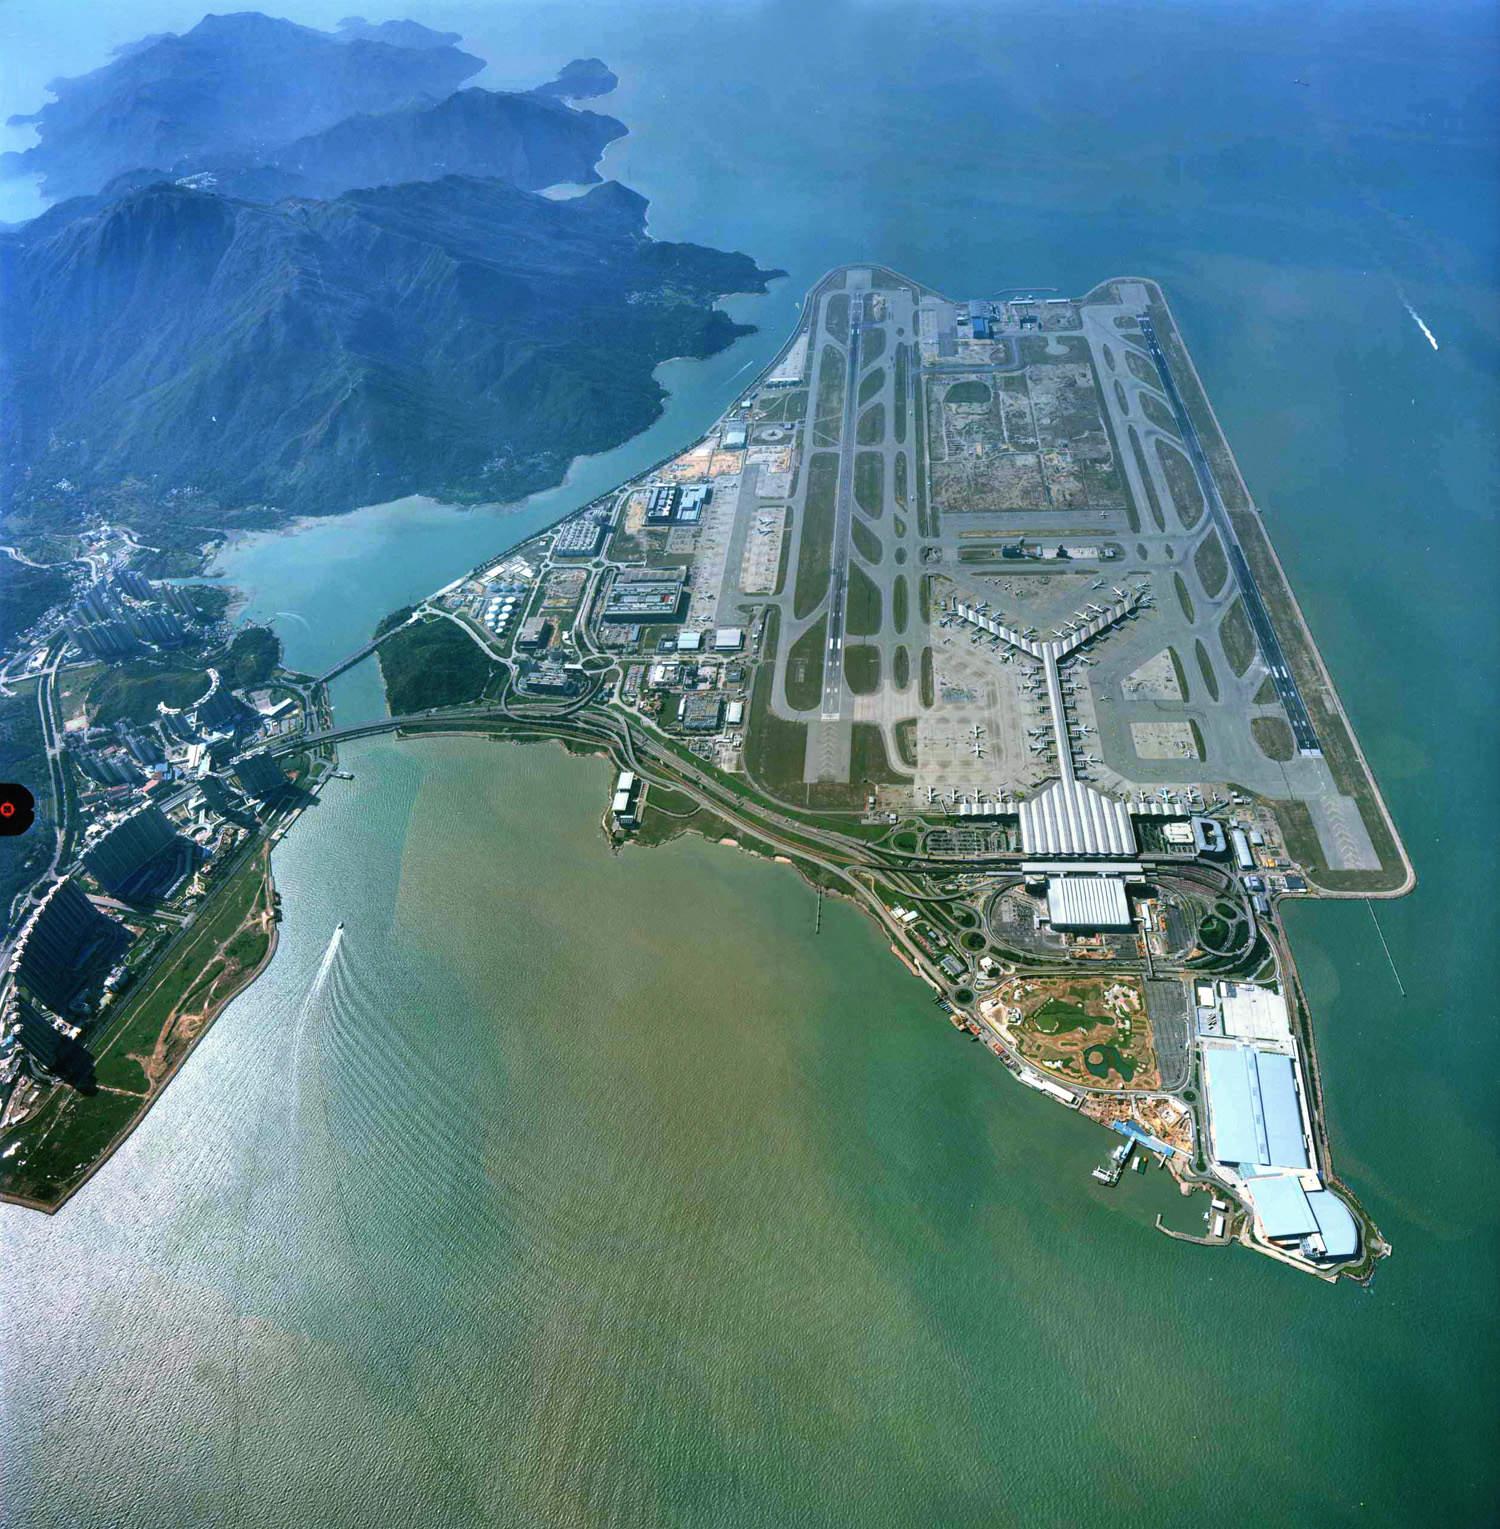 Hong Kong: Hong Kong International Airport 2030 Study